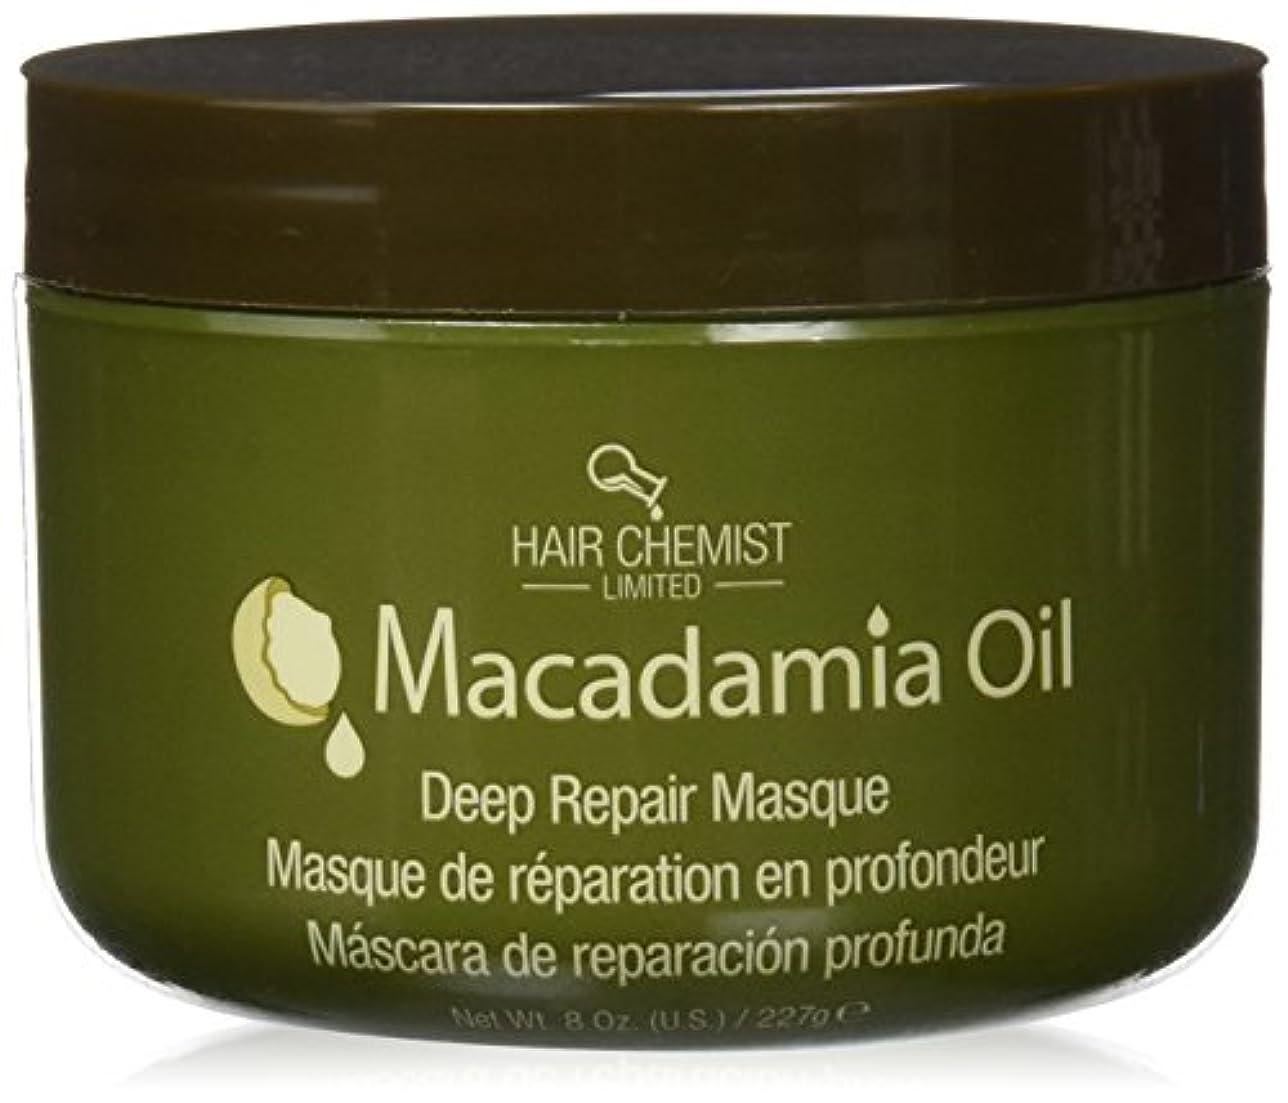 デモンストレーション邪魔する穴Hair Chemist ヘアマスク マカダミア オイル ディープリペアマスク 227g Macadamia Oil Deep Repair Mask 1434 New York